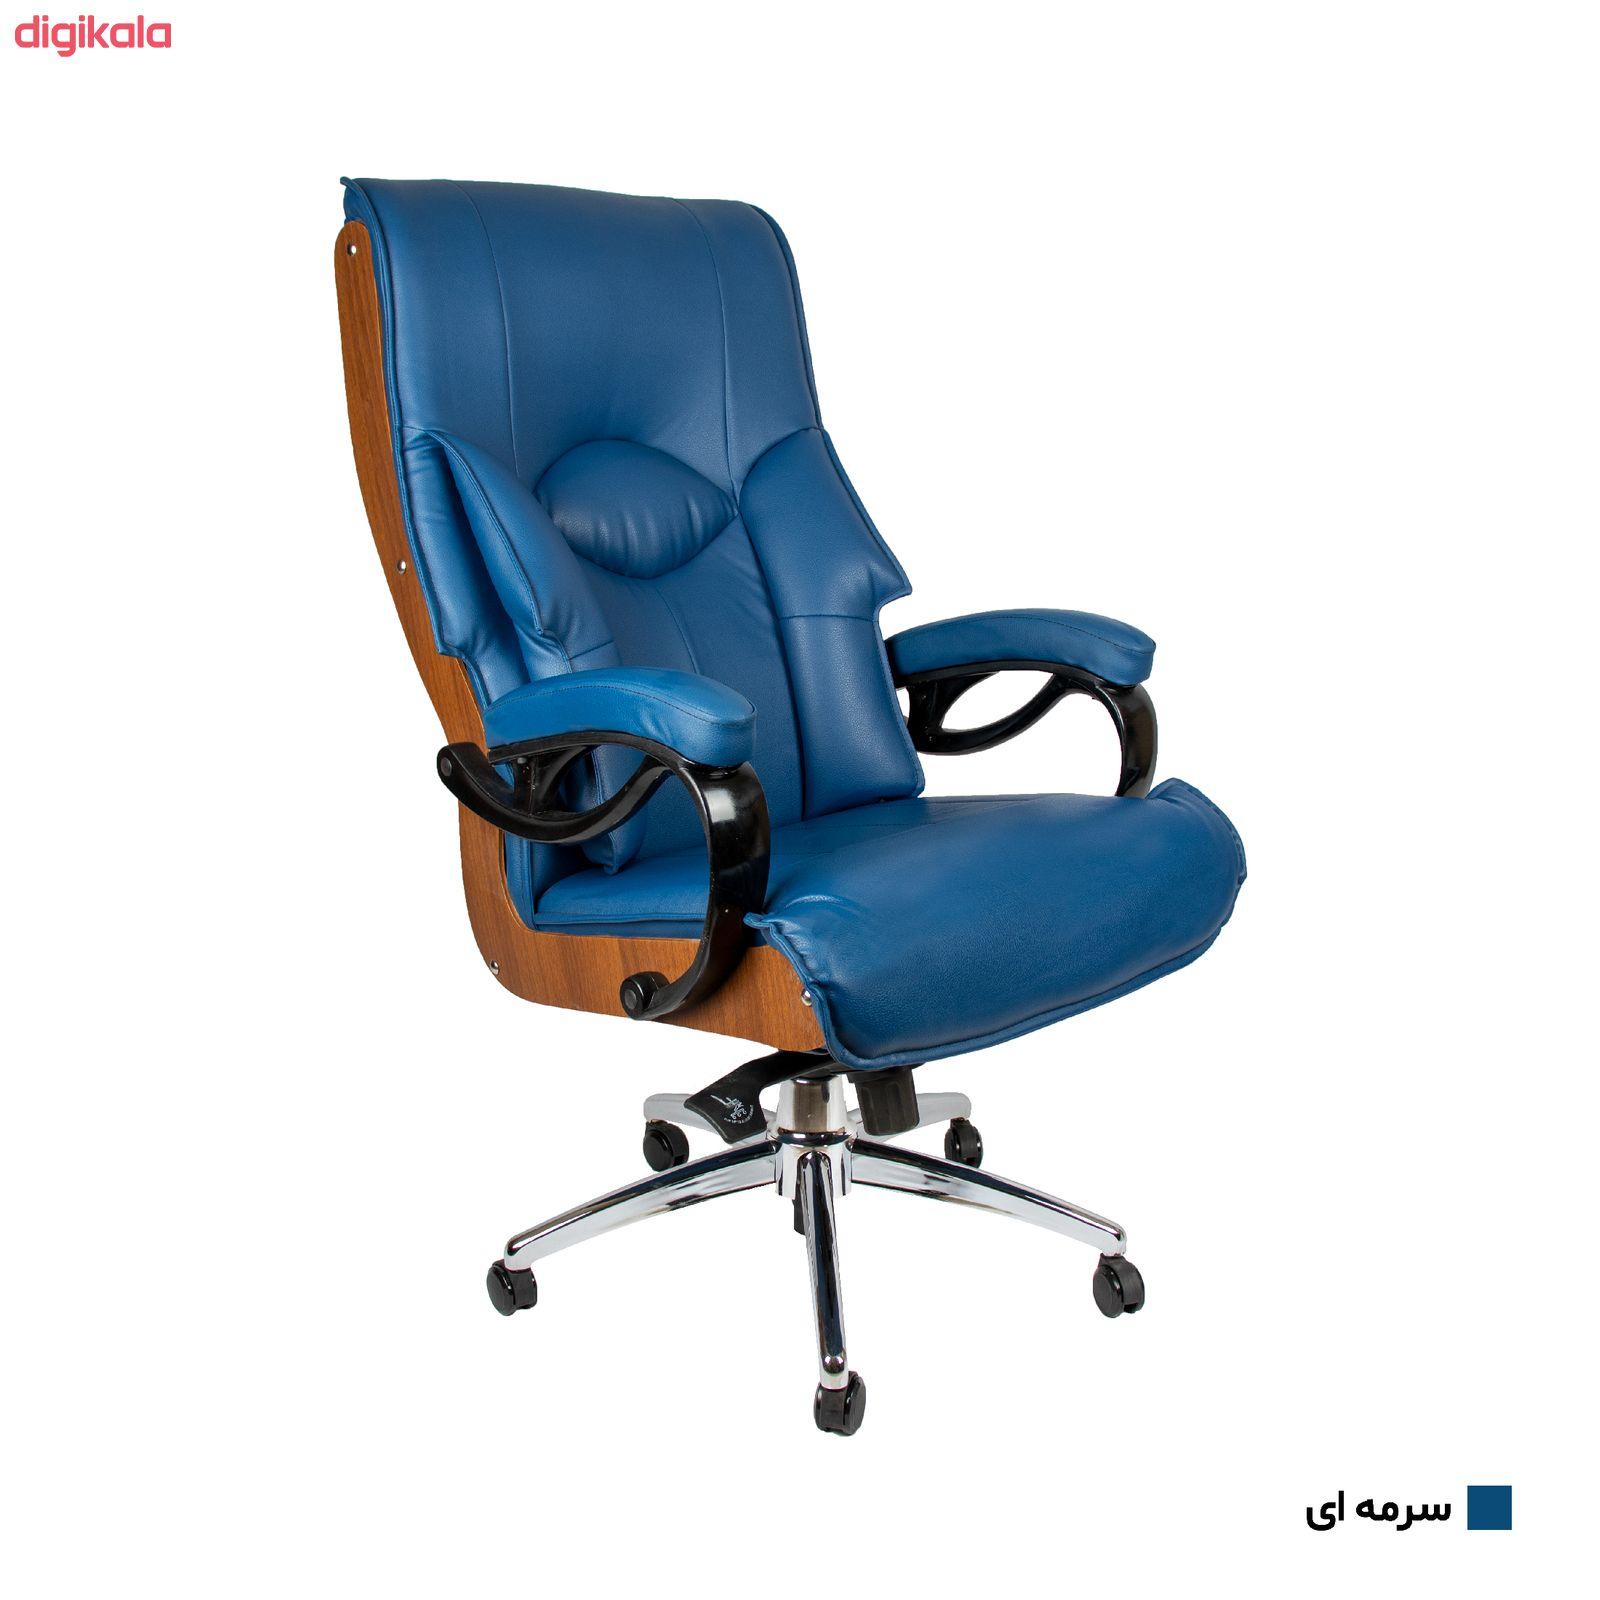 صندلی اداری آرکانو کد M900D main 1 7